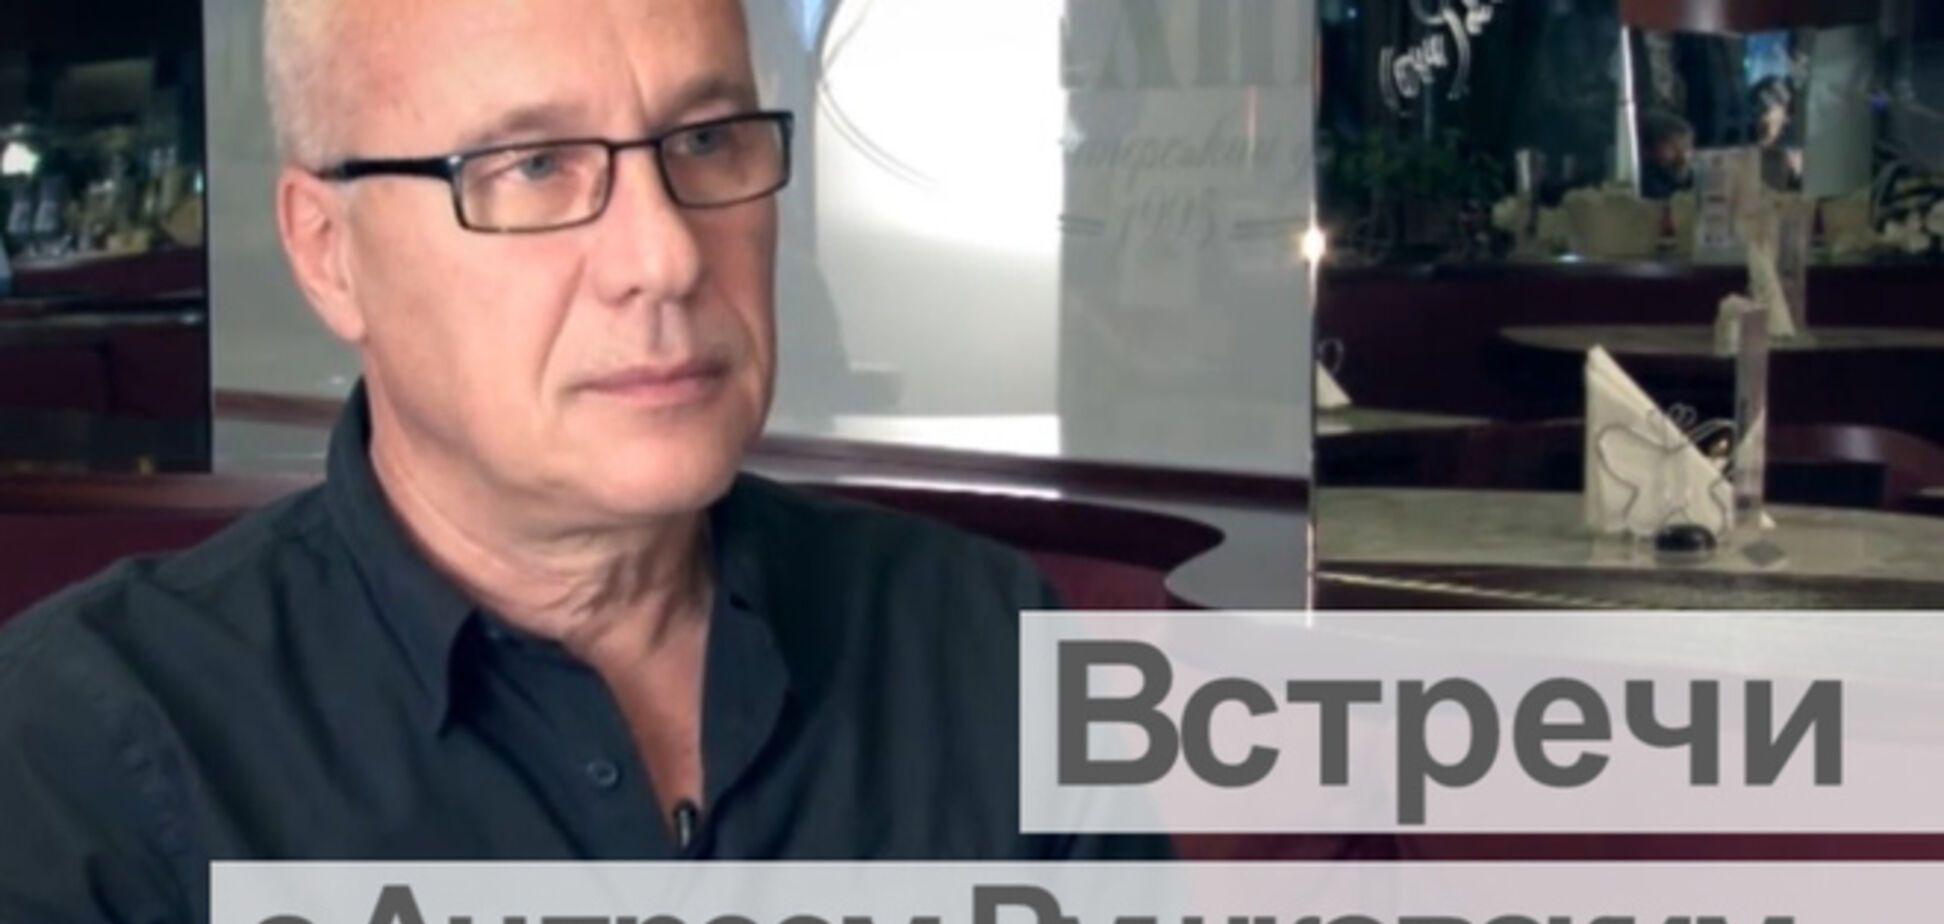 Про Майдан, синдром Путіна і те, чого боїться Росія - зустріч з режисером Сергієм Маслобойщиковим